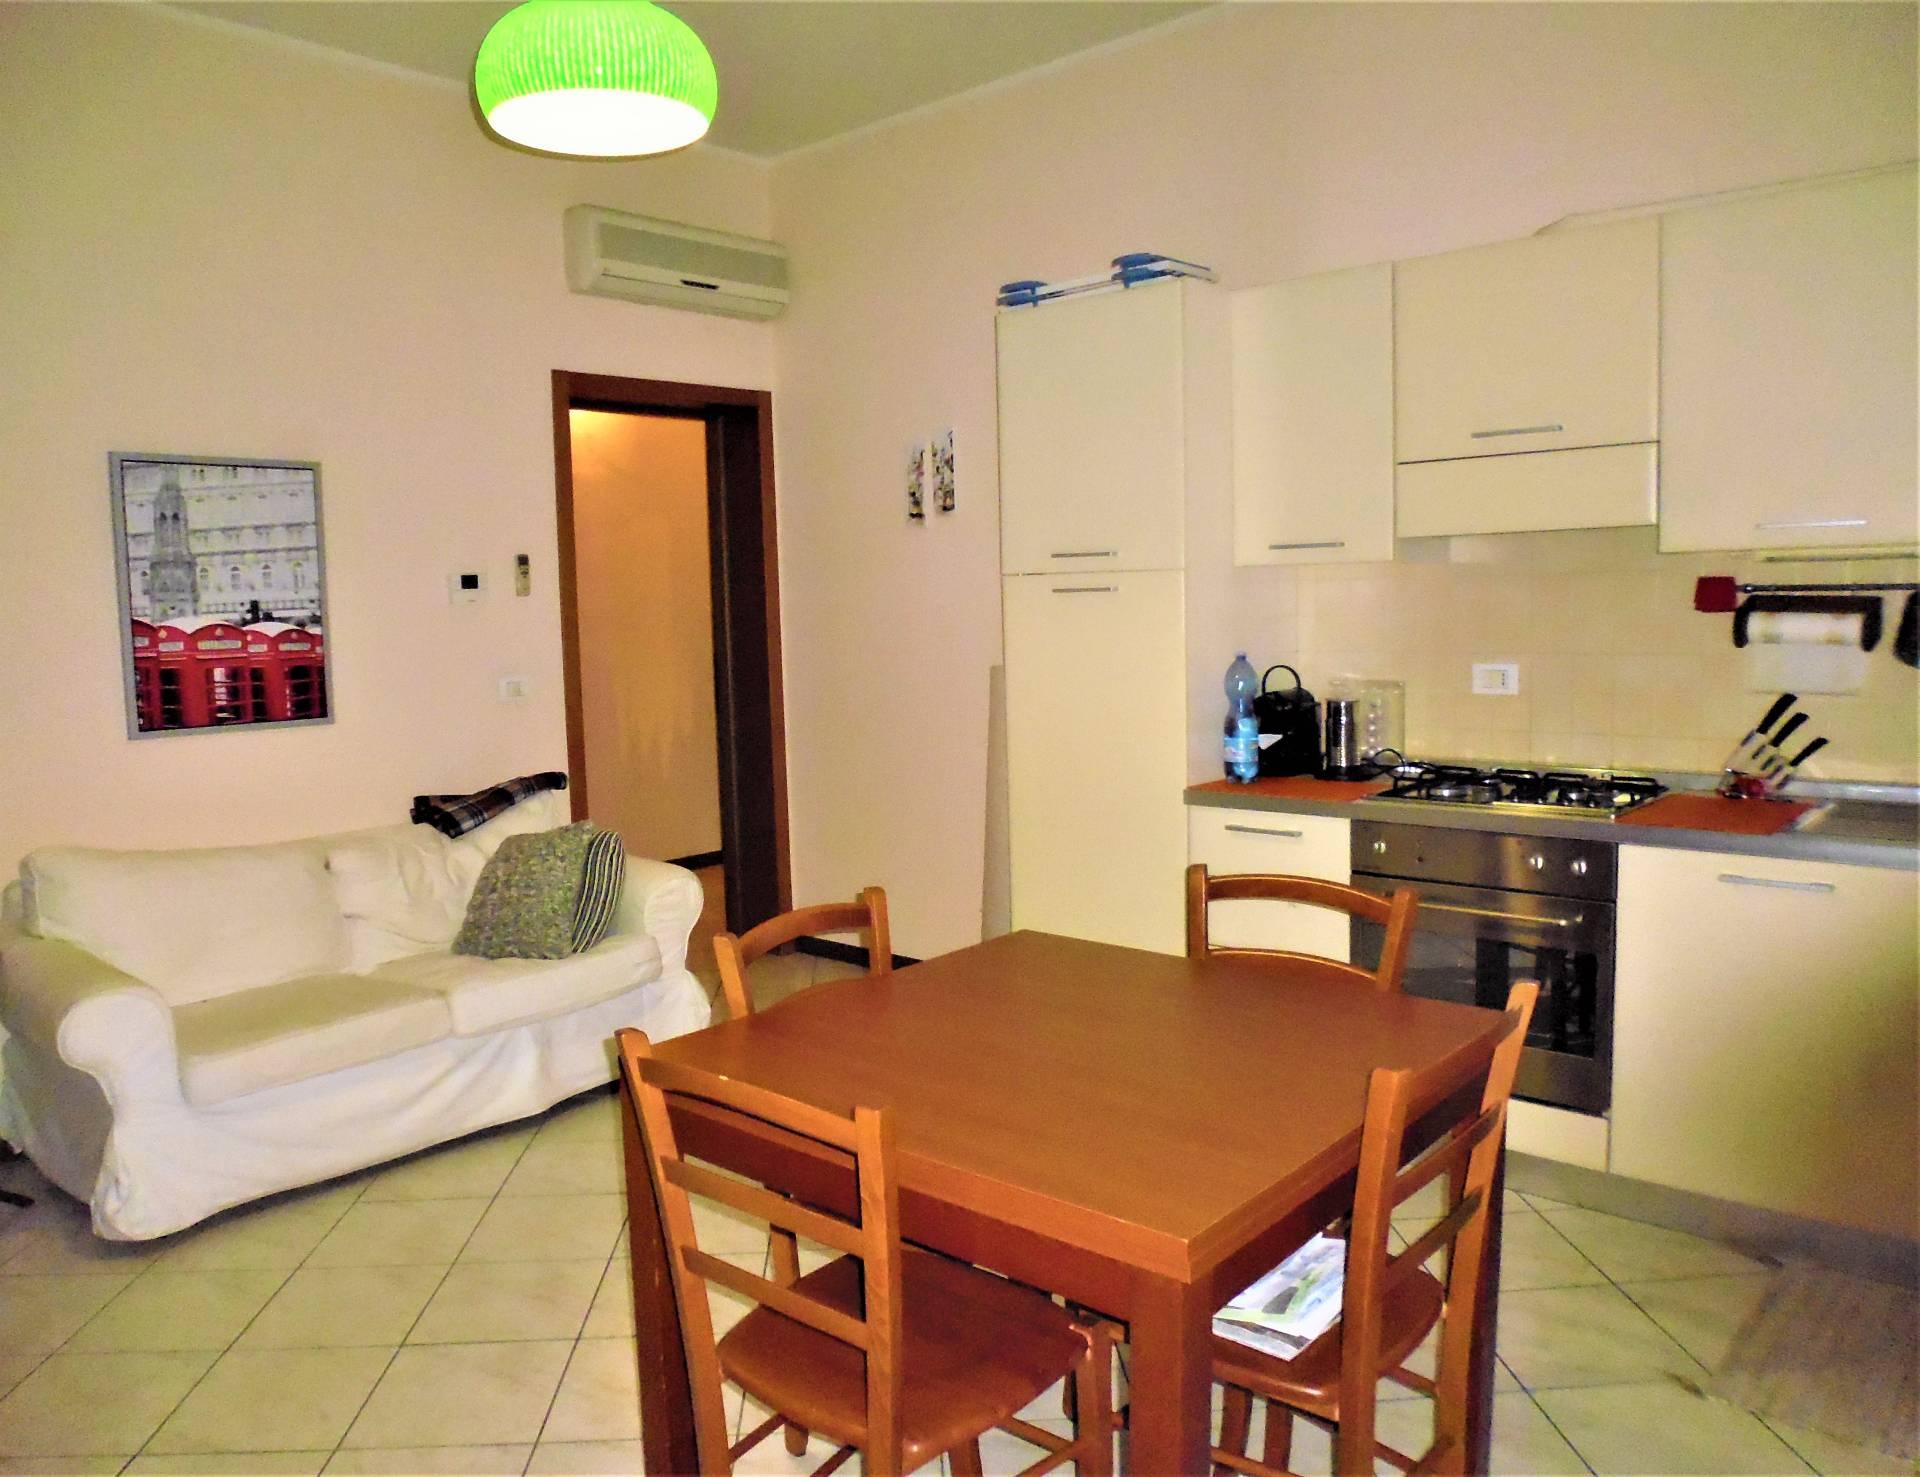 Appartamento in affitto a Ferrara, 2 locali, zona Località: EntroMura, prezzo € 580   PortaleAgenzieImmobiliari.it